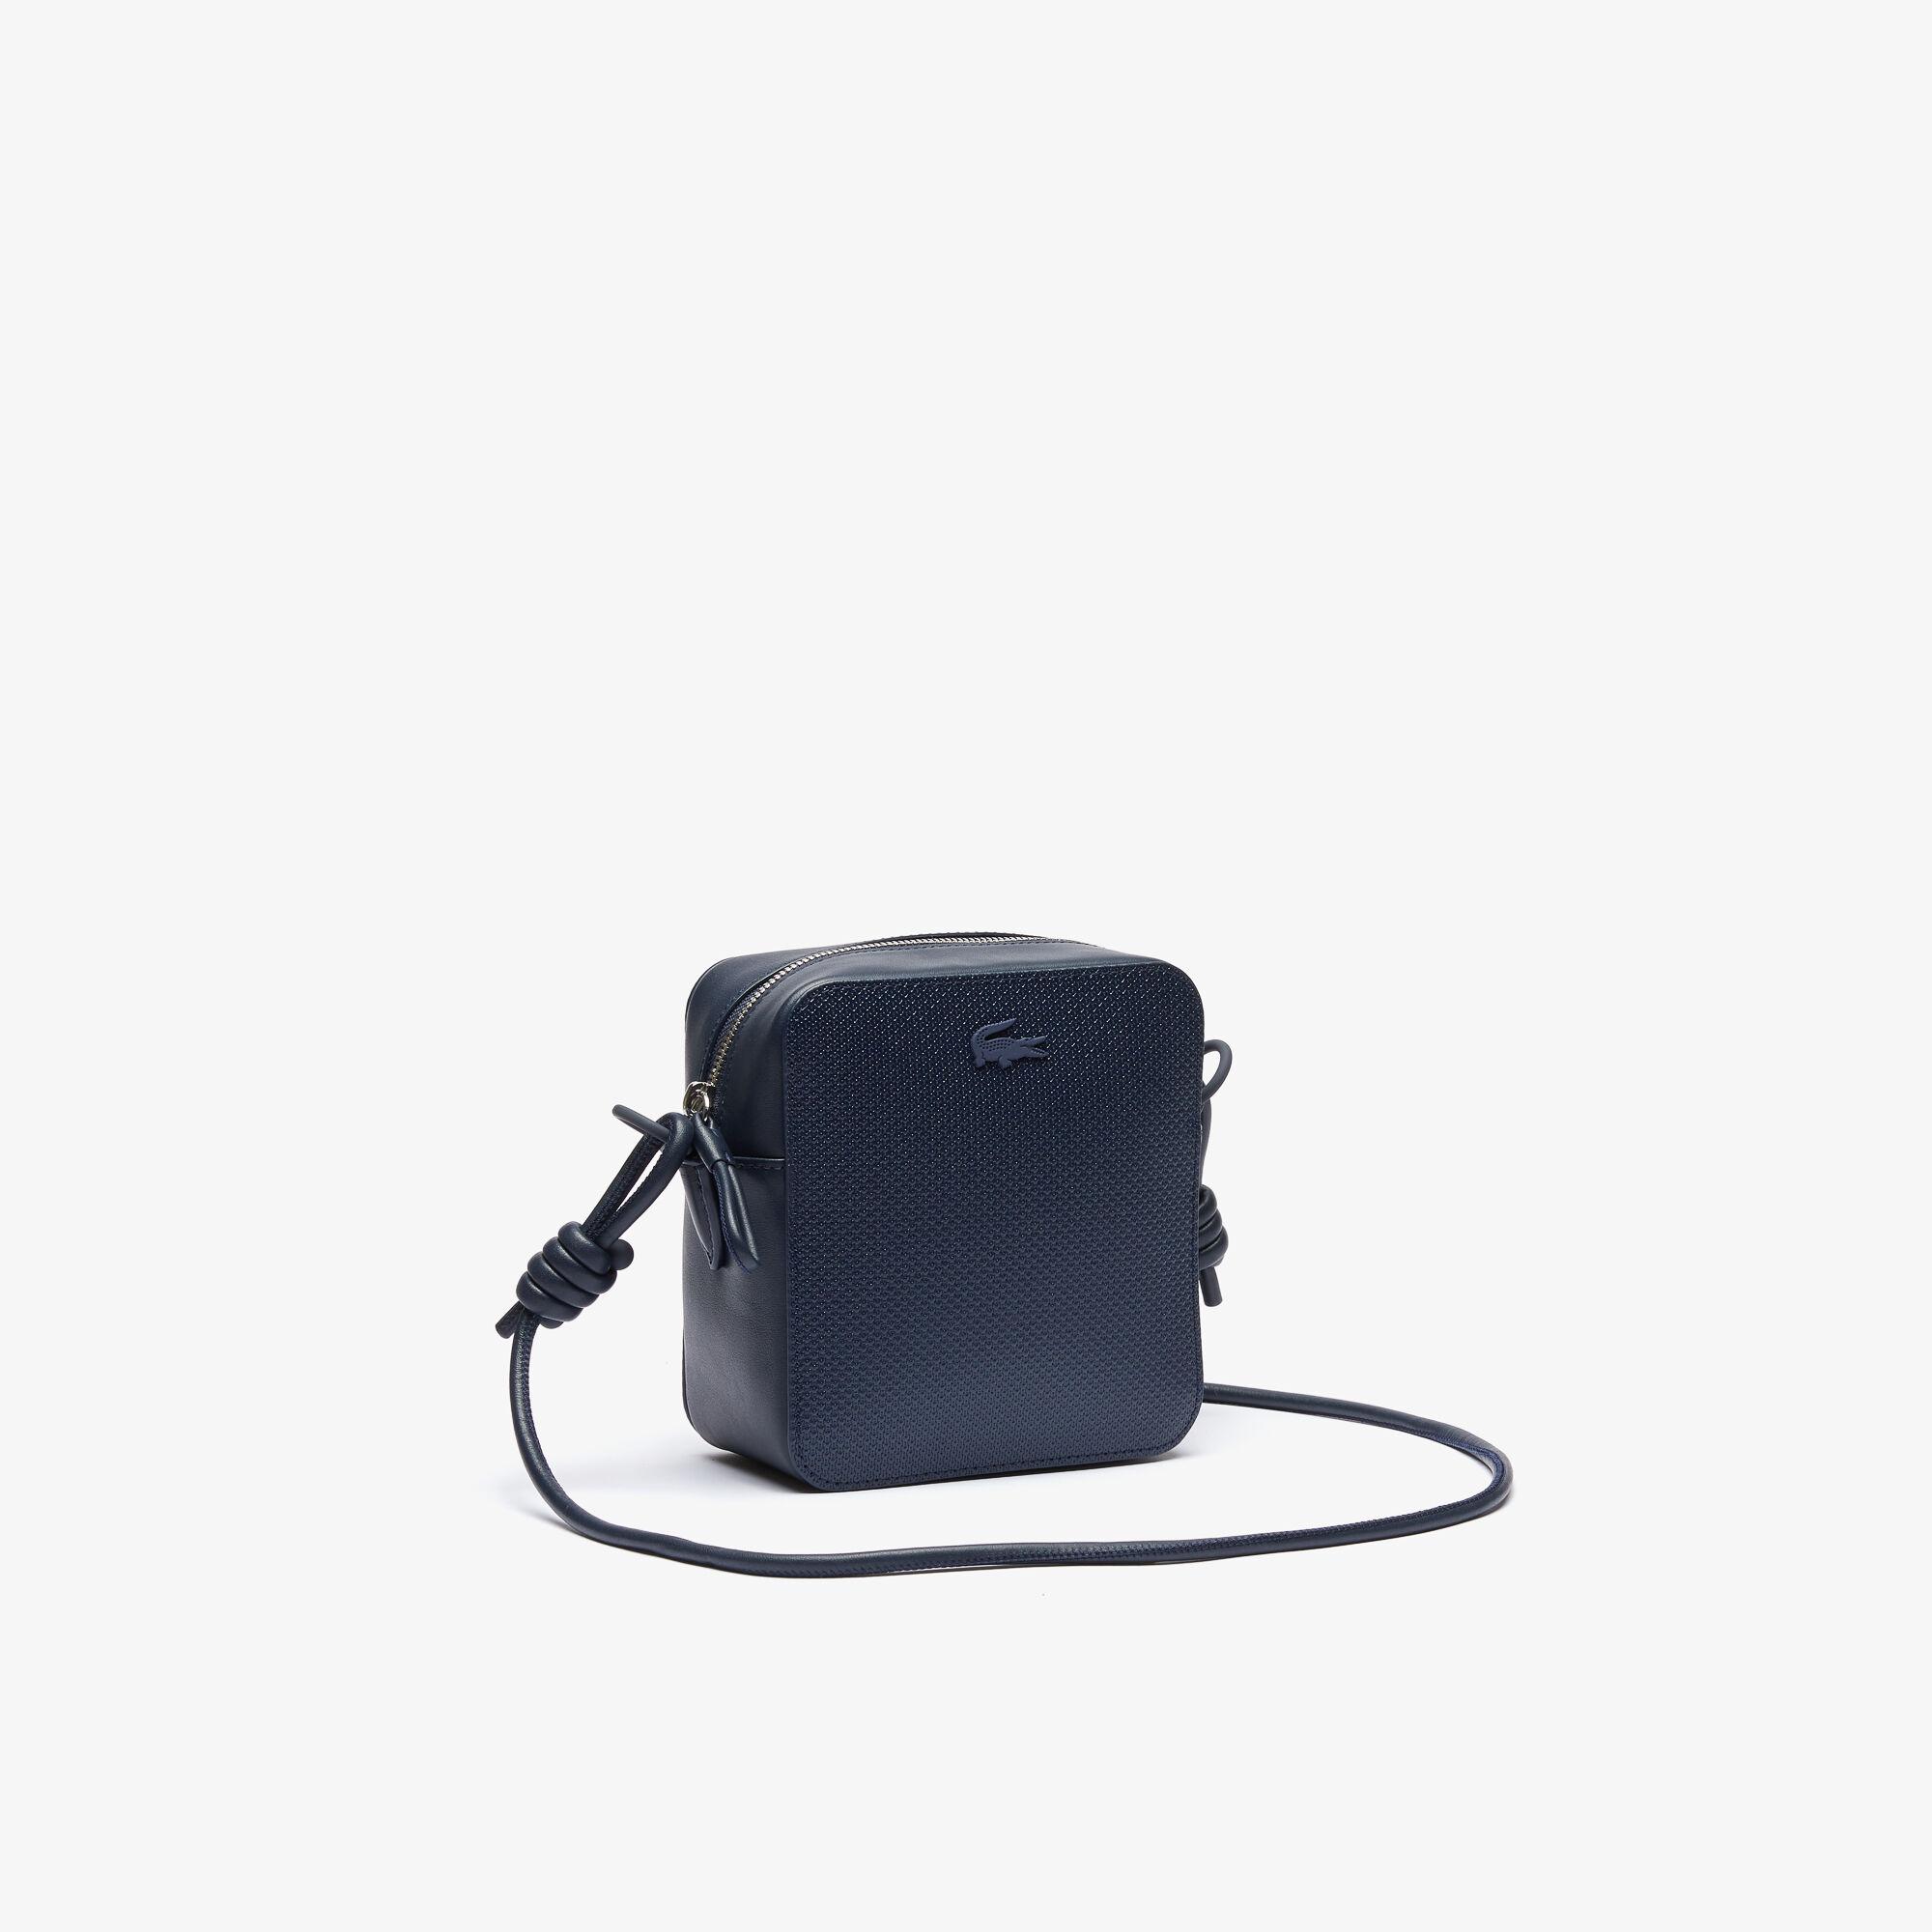 Women's Chantaco Small Matte Piqué Leather Square Shoulder Bag